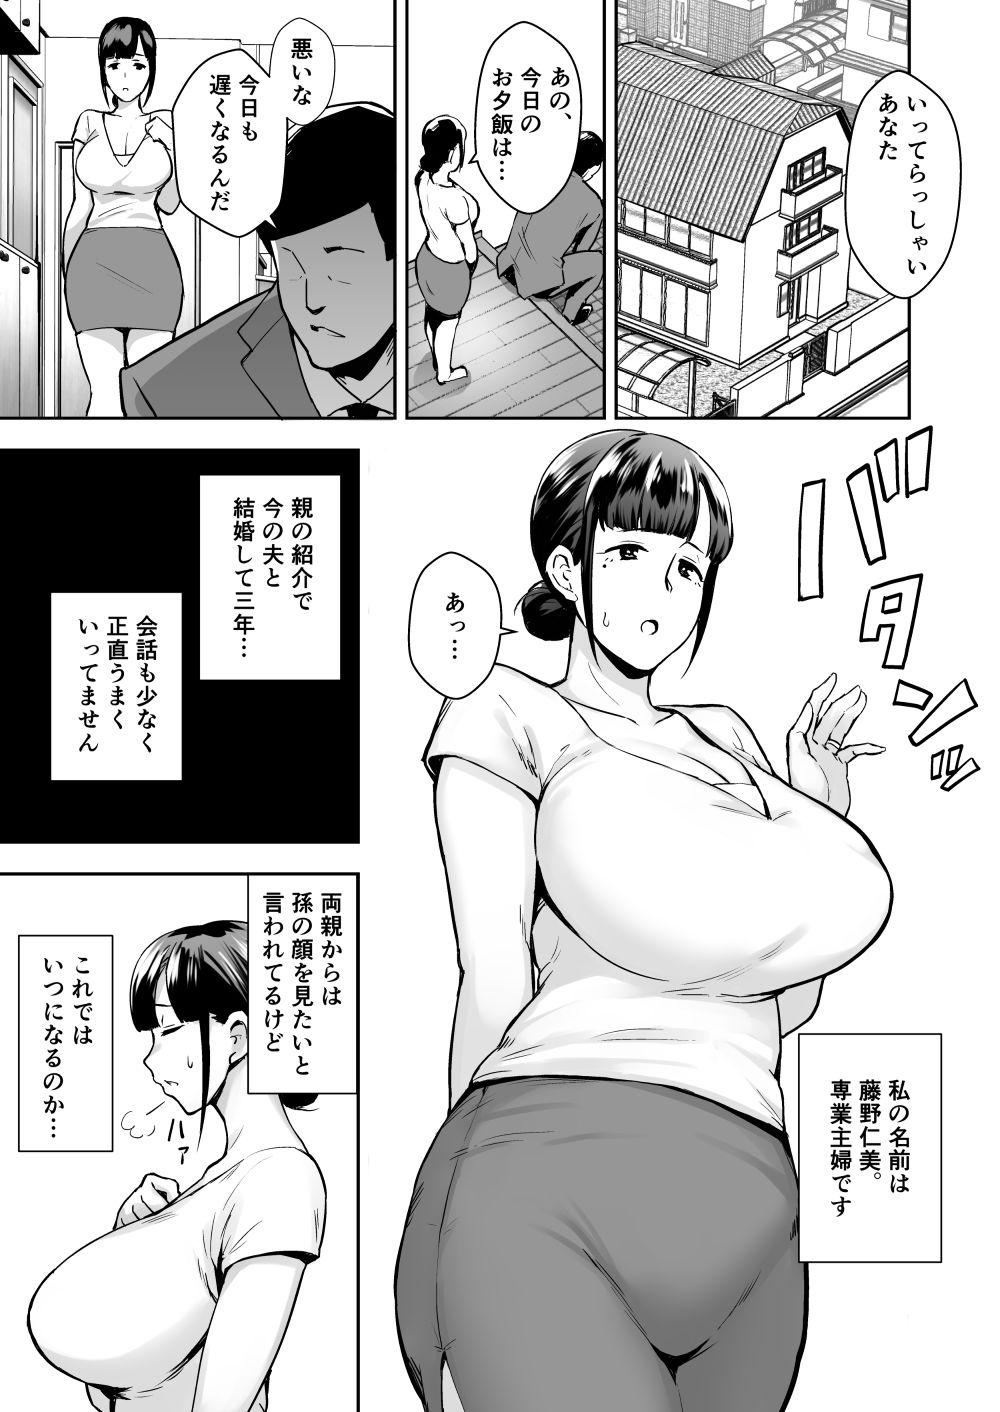 【エロ漫画無料大全集】【エロ漫画NTR】夫の甥っ子に、気分転換のマッサージを持ちかけられ、流されて体を許してしまう巨乳妻